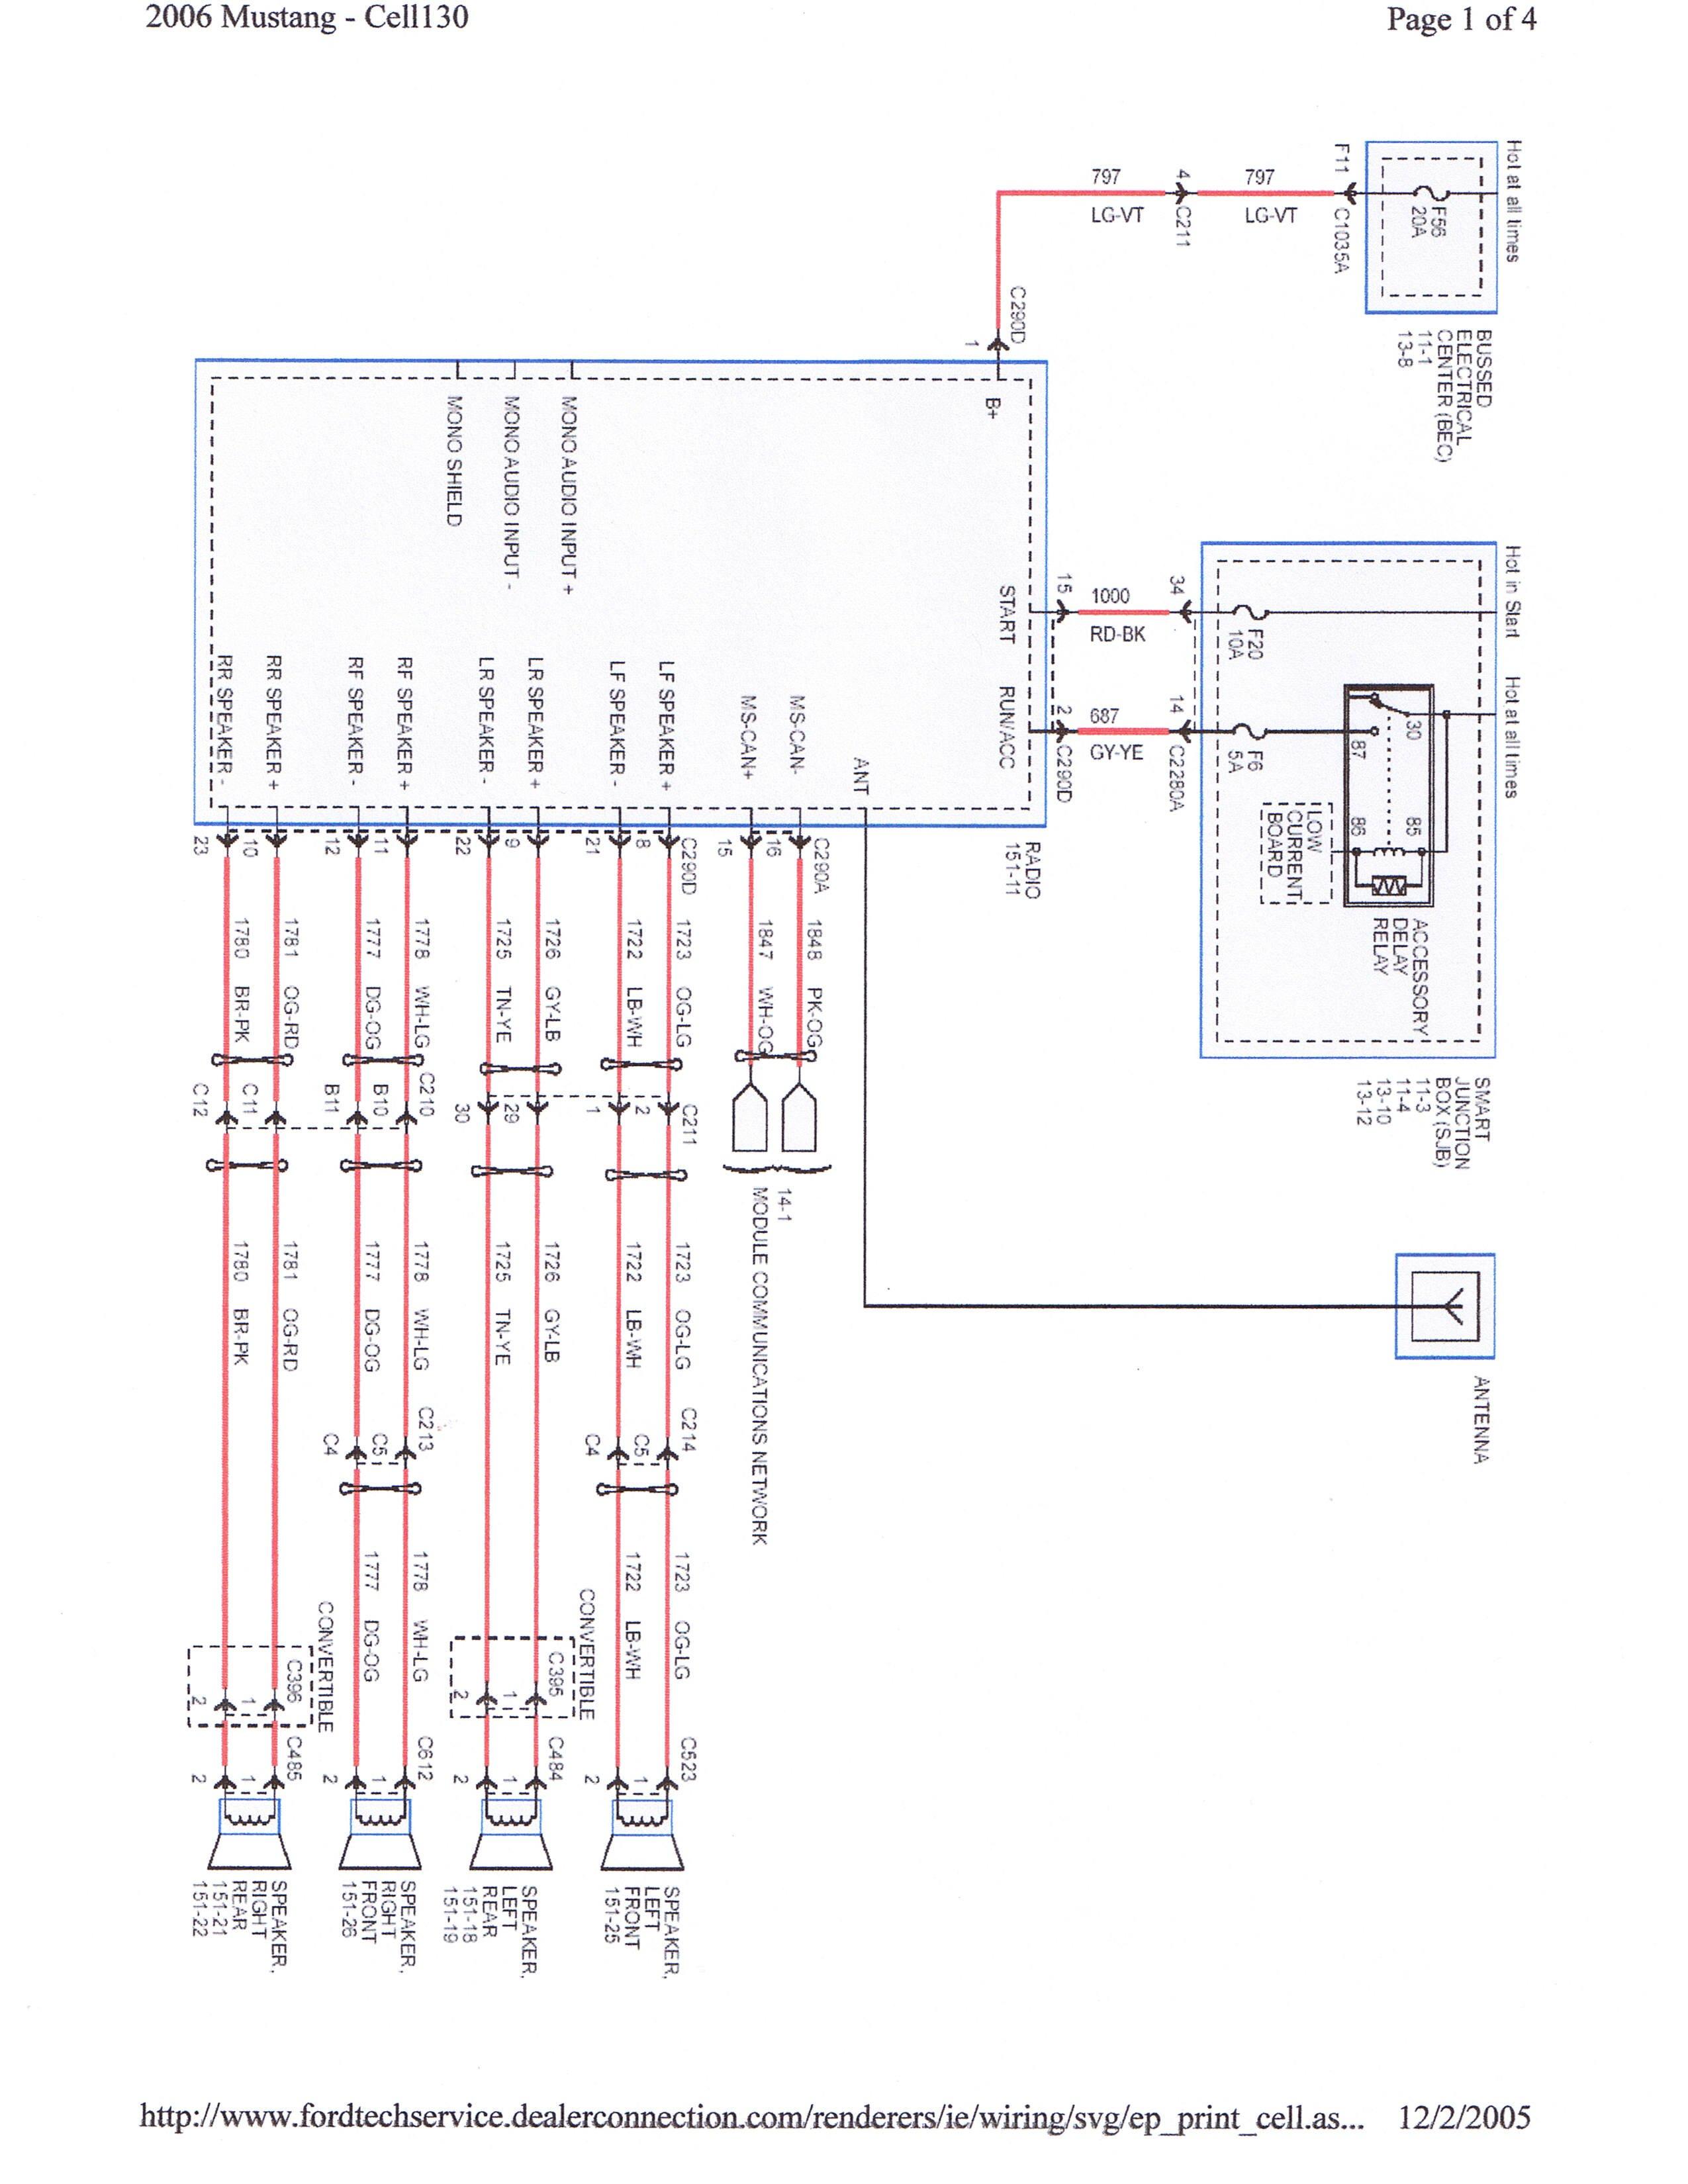 06 mustang wiring diagram ford shaker 500 wiring diagram wiring diagram data  ford shaker 500 wiring diagram wiring